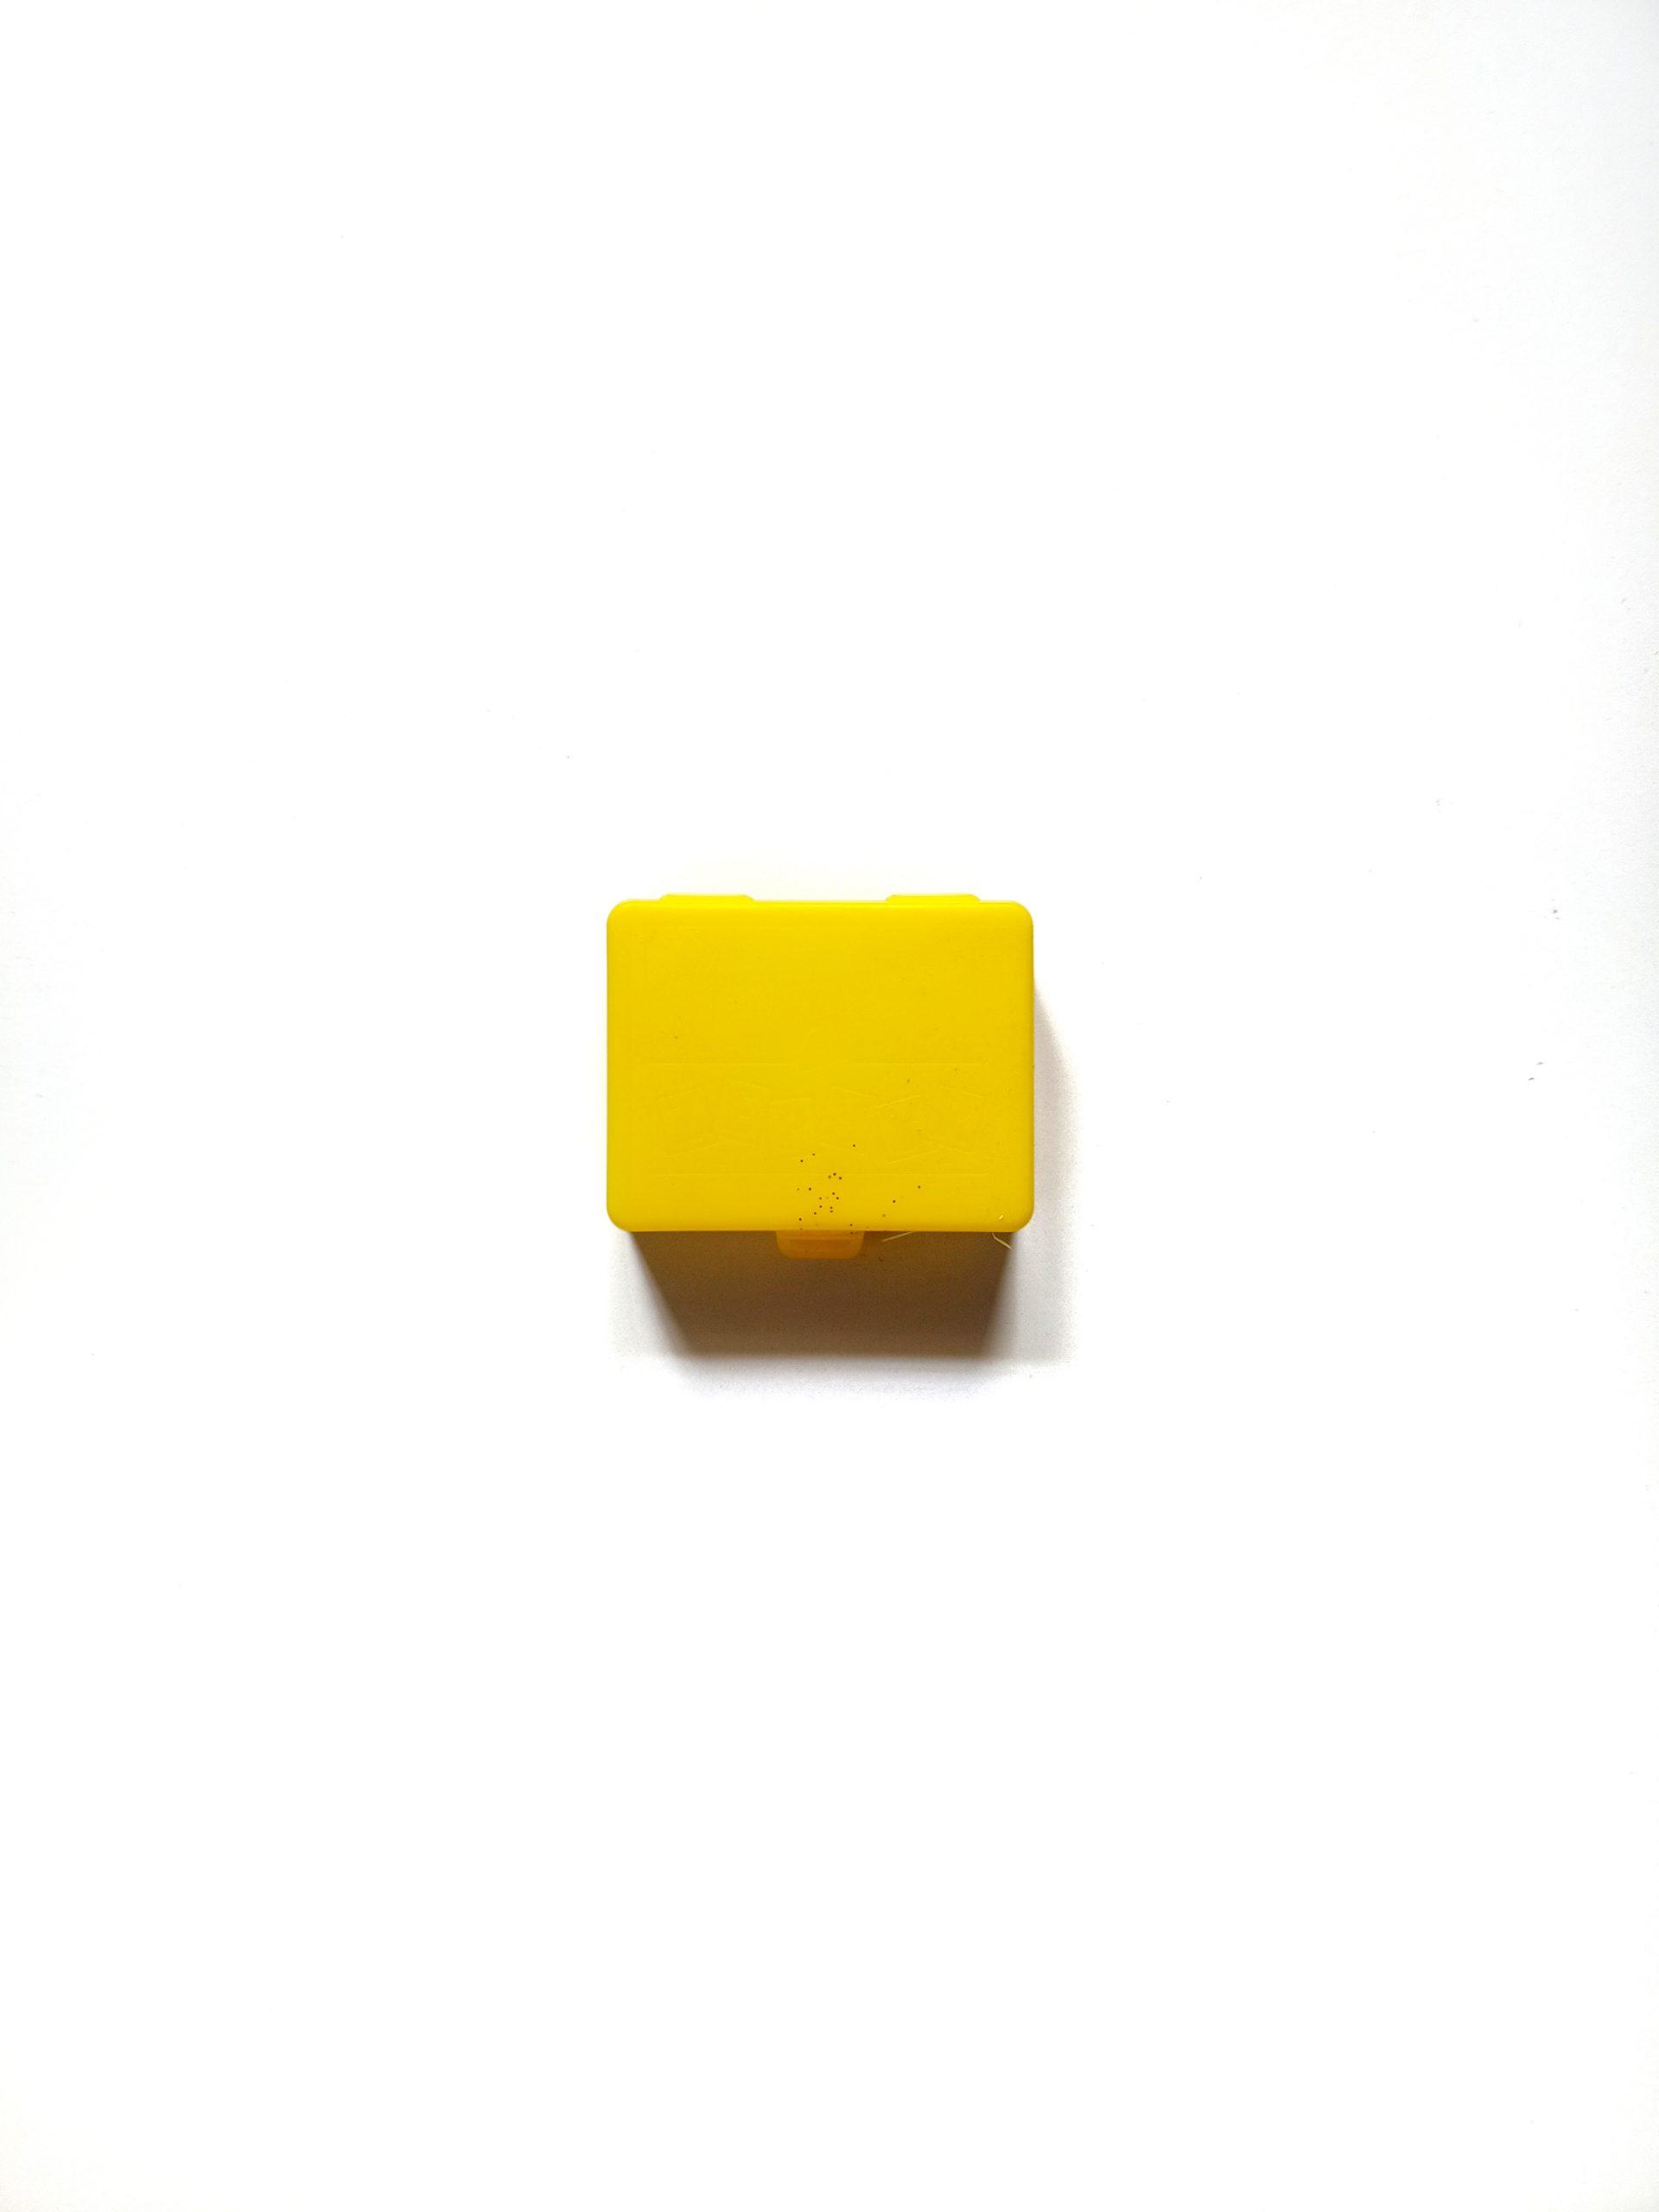 A yellow box